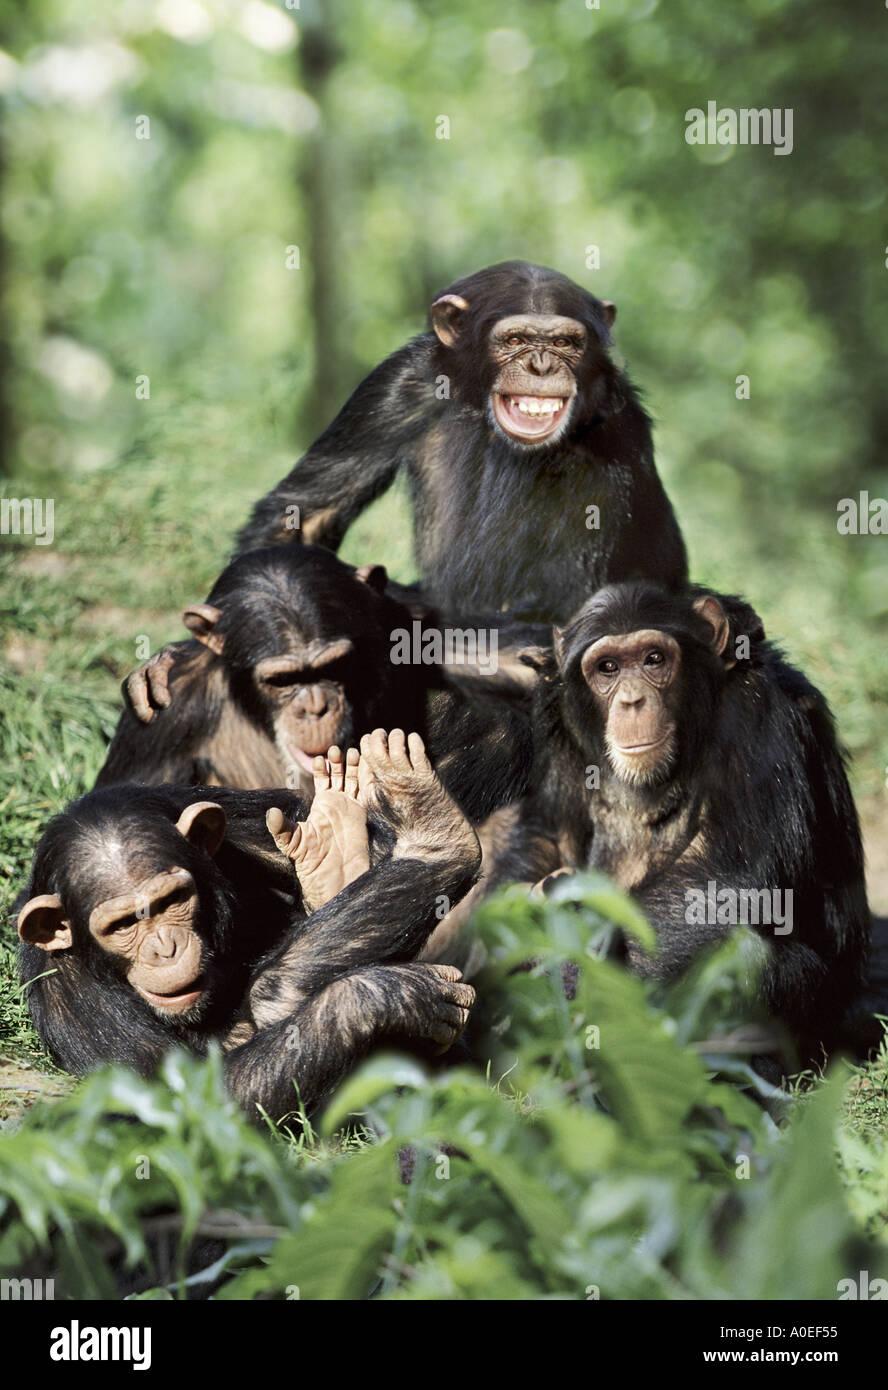 Gruppo di scimpanzé giocando Immagini Stock